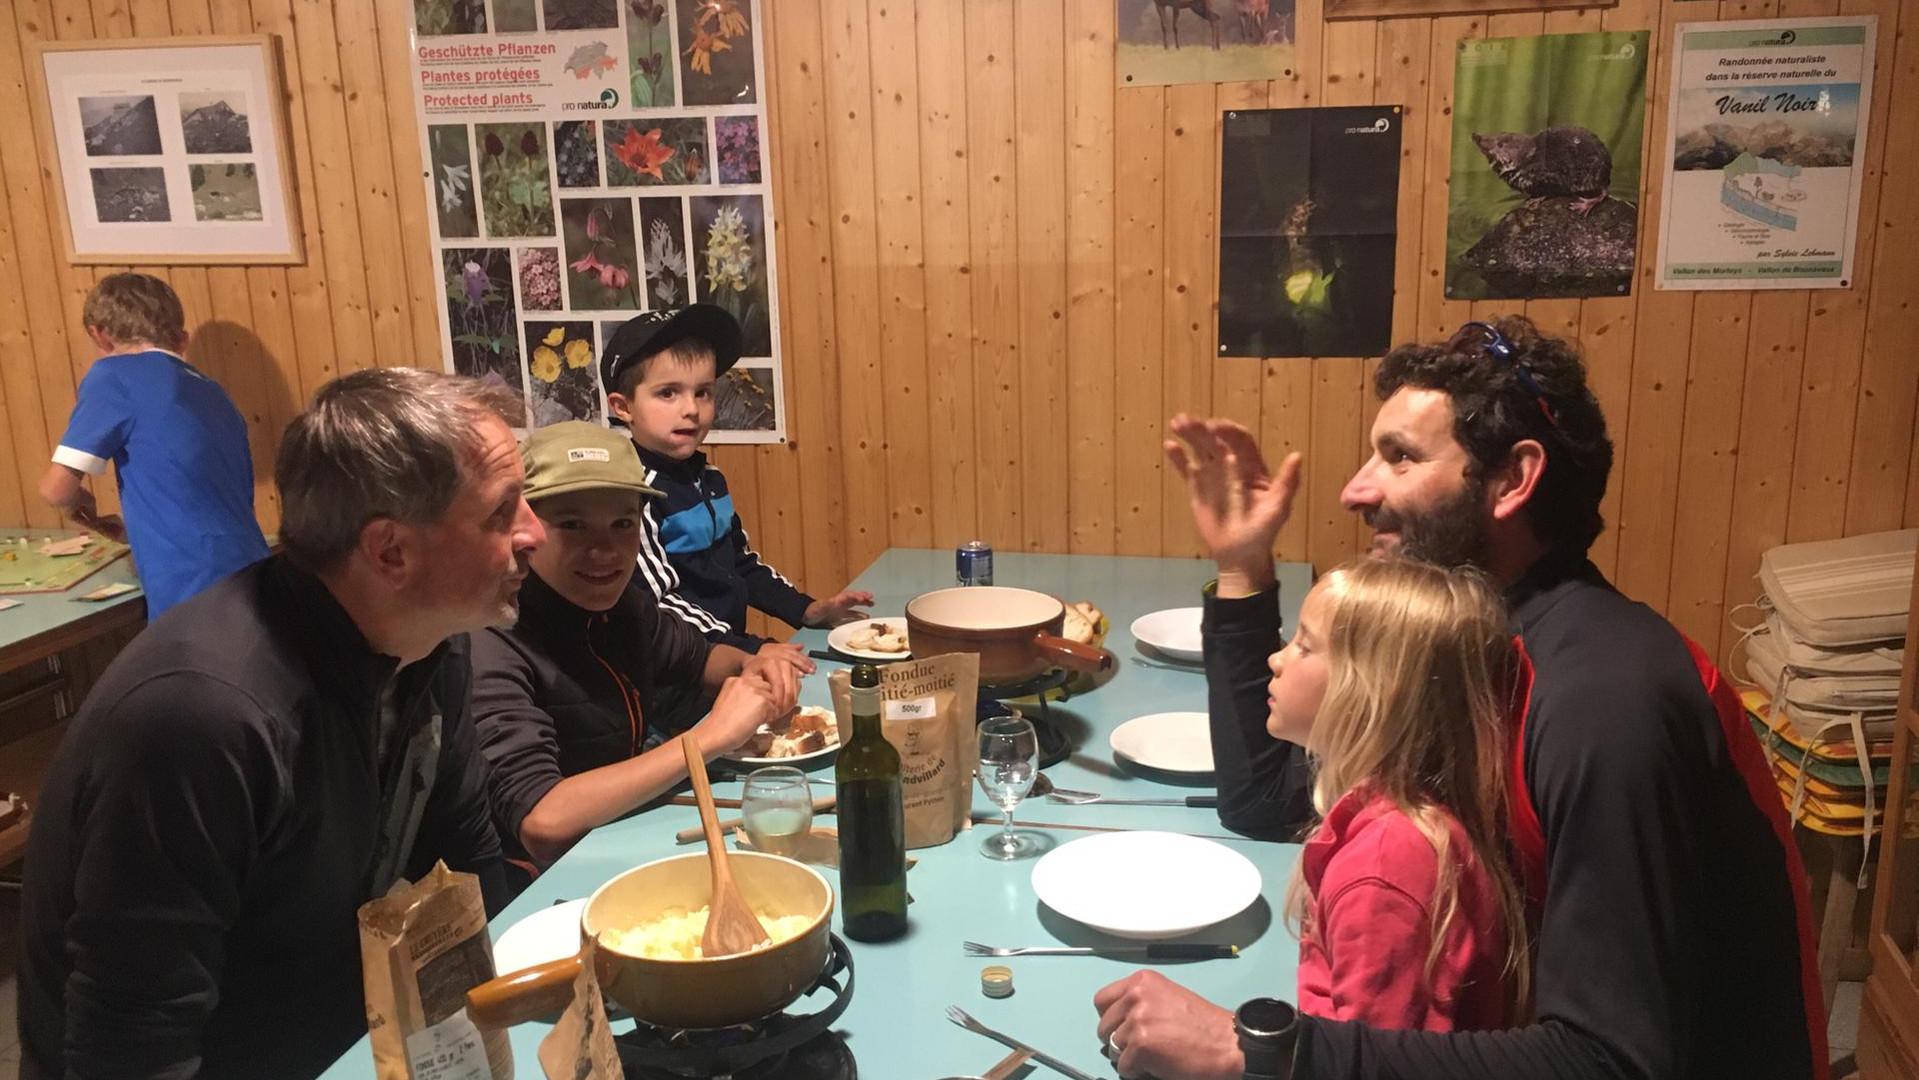 Soirée fondue à Bounavaux